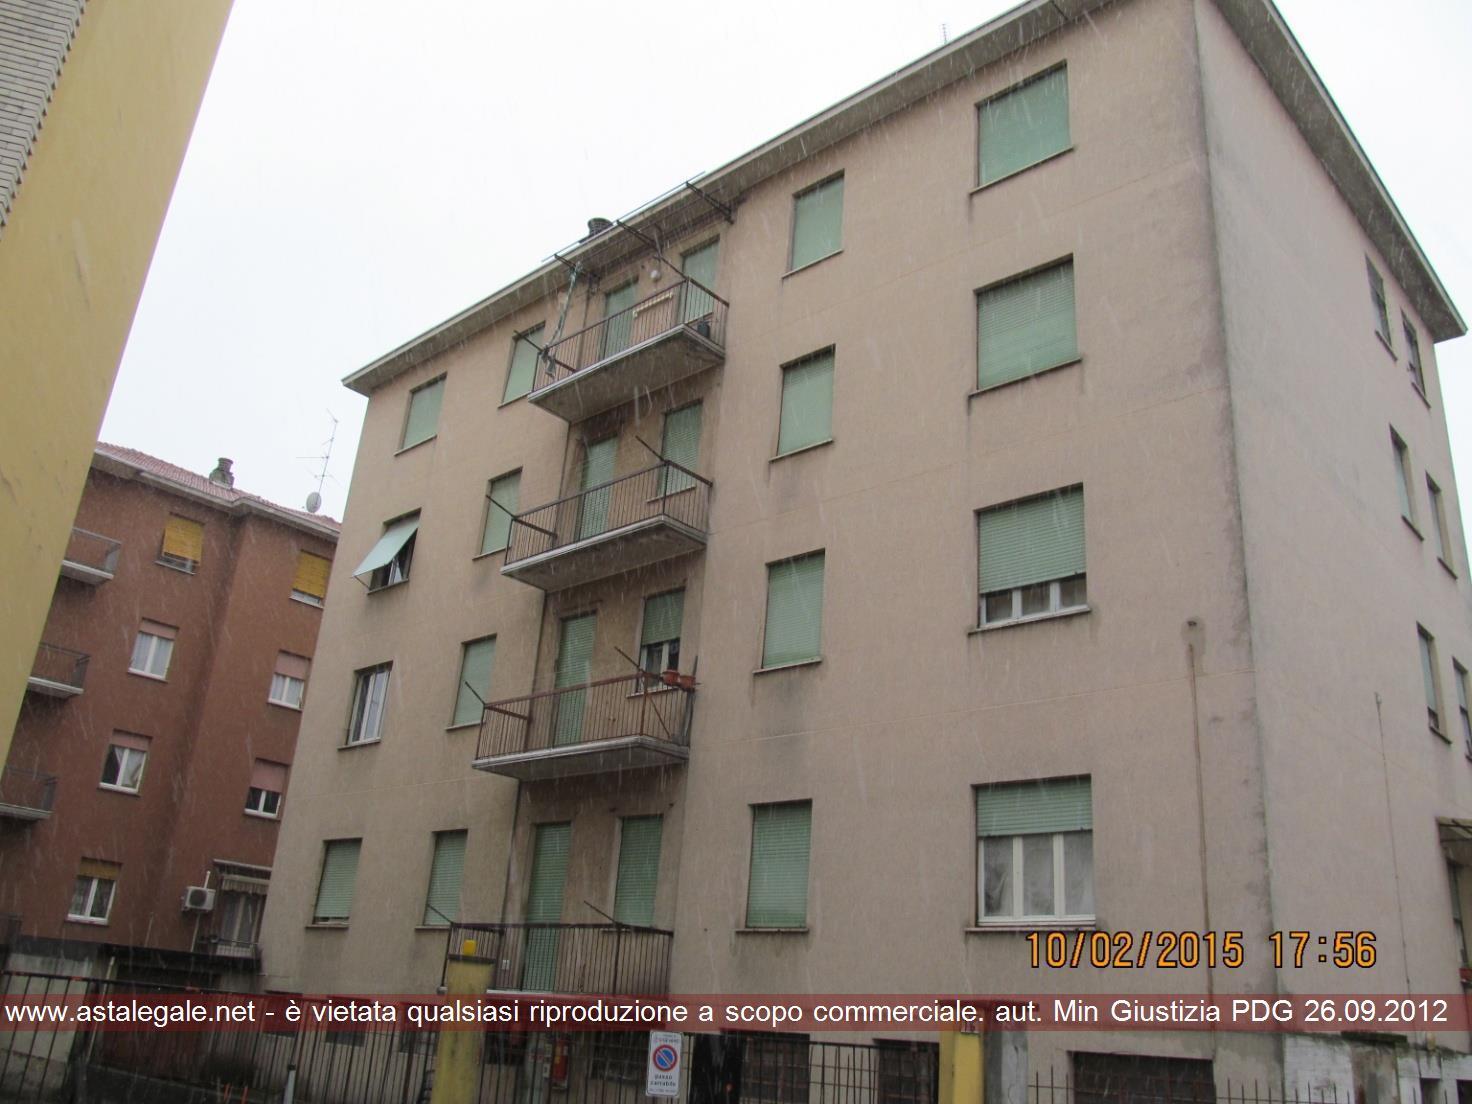 Vigevano (PV) Via Caprera 18